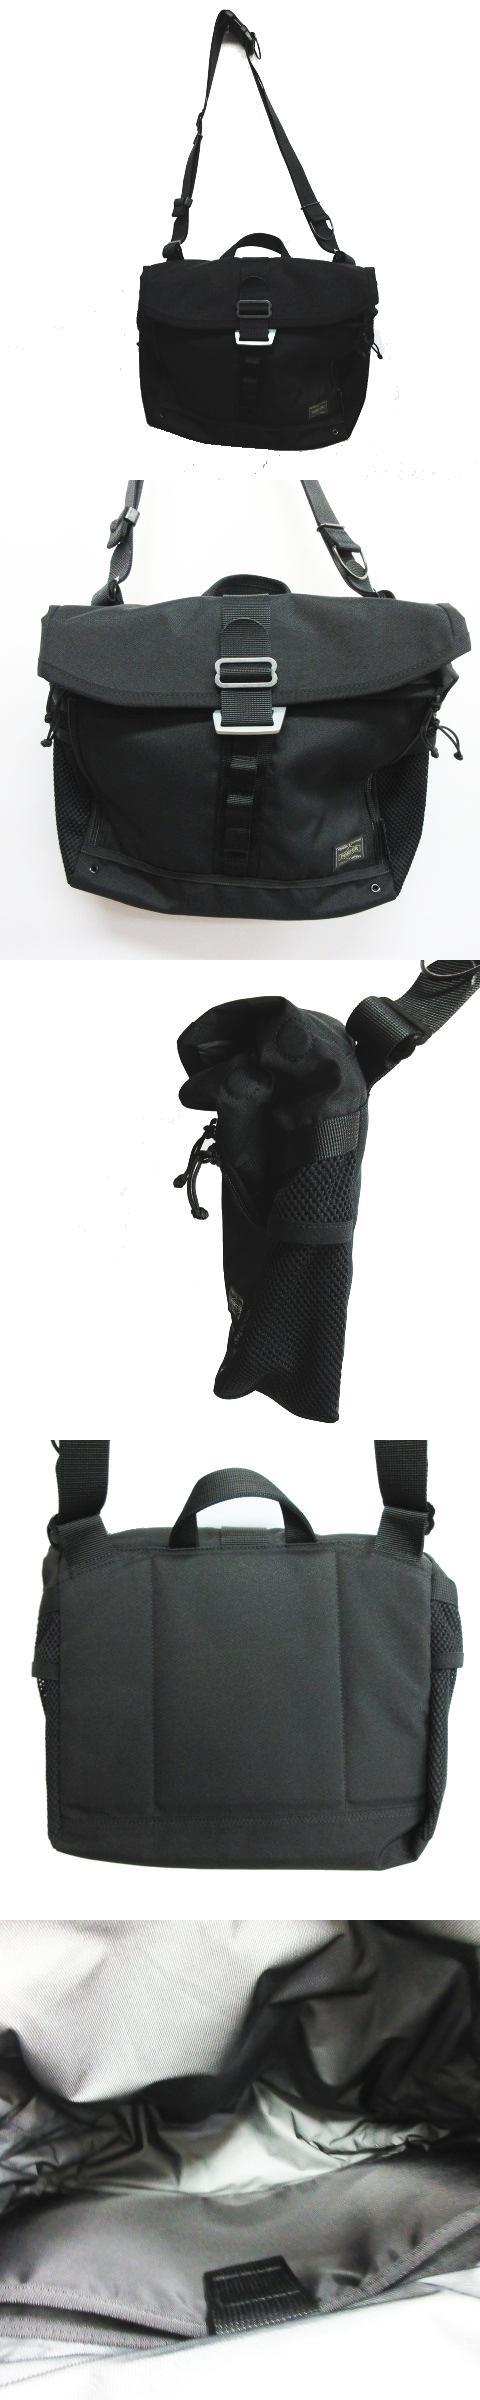 コーデュラ ナイロン ショルダーバッグ 斜め掛け 黒 ブラック